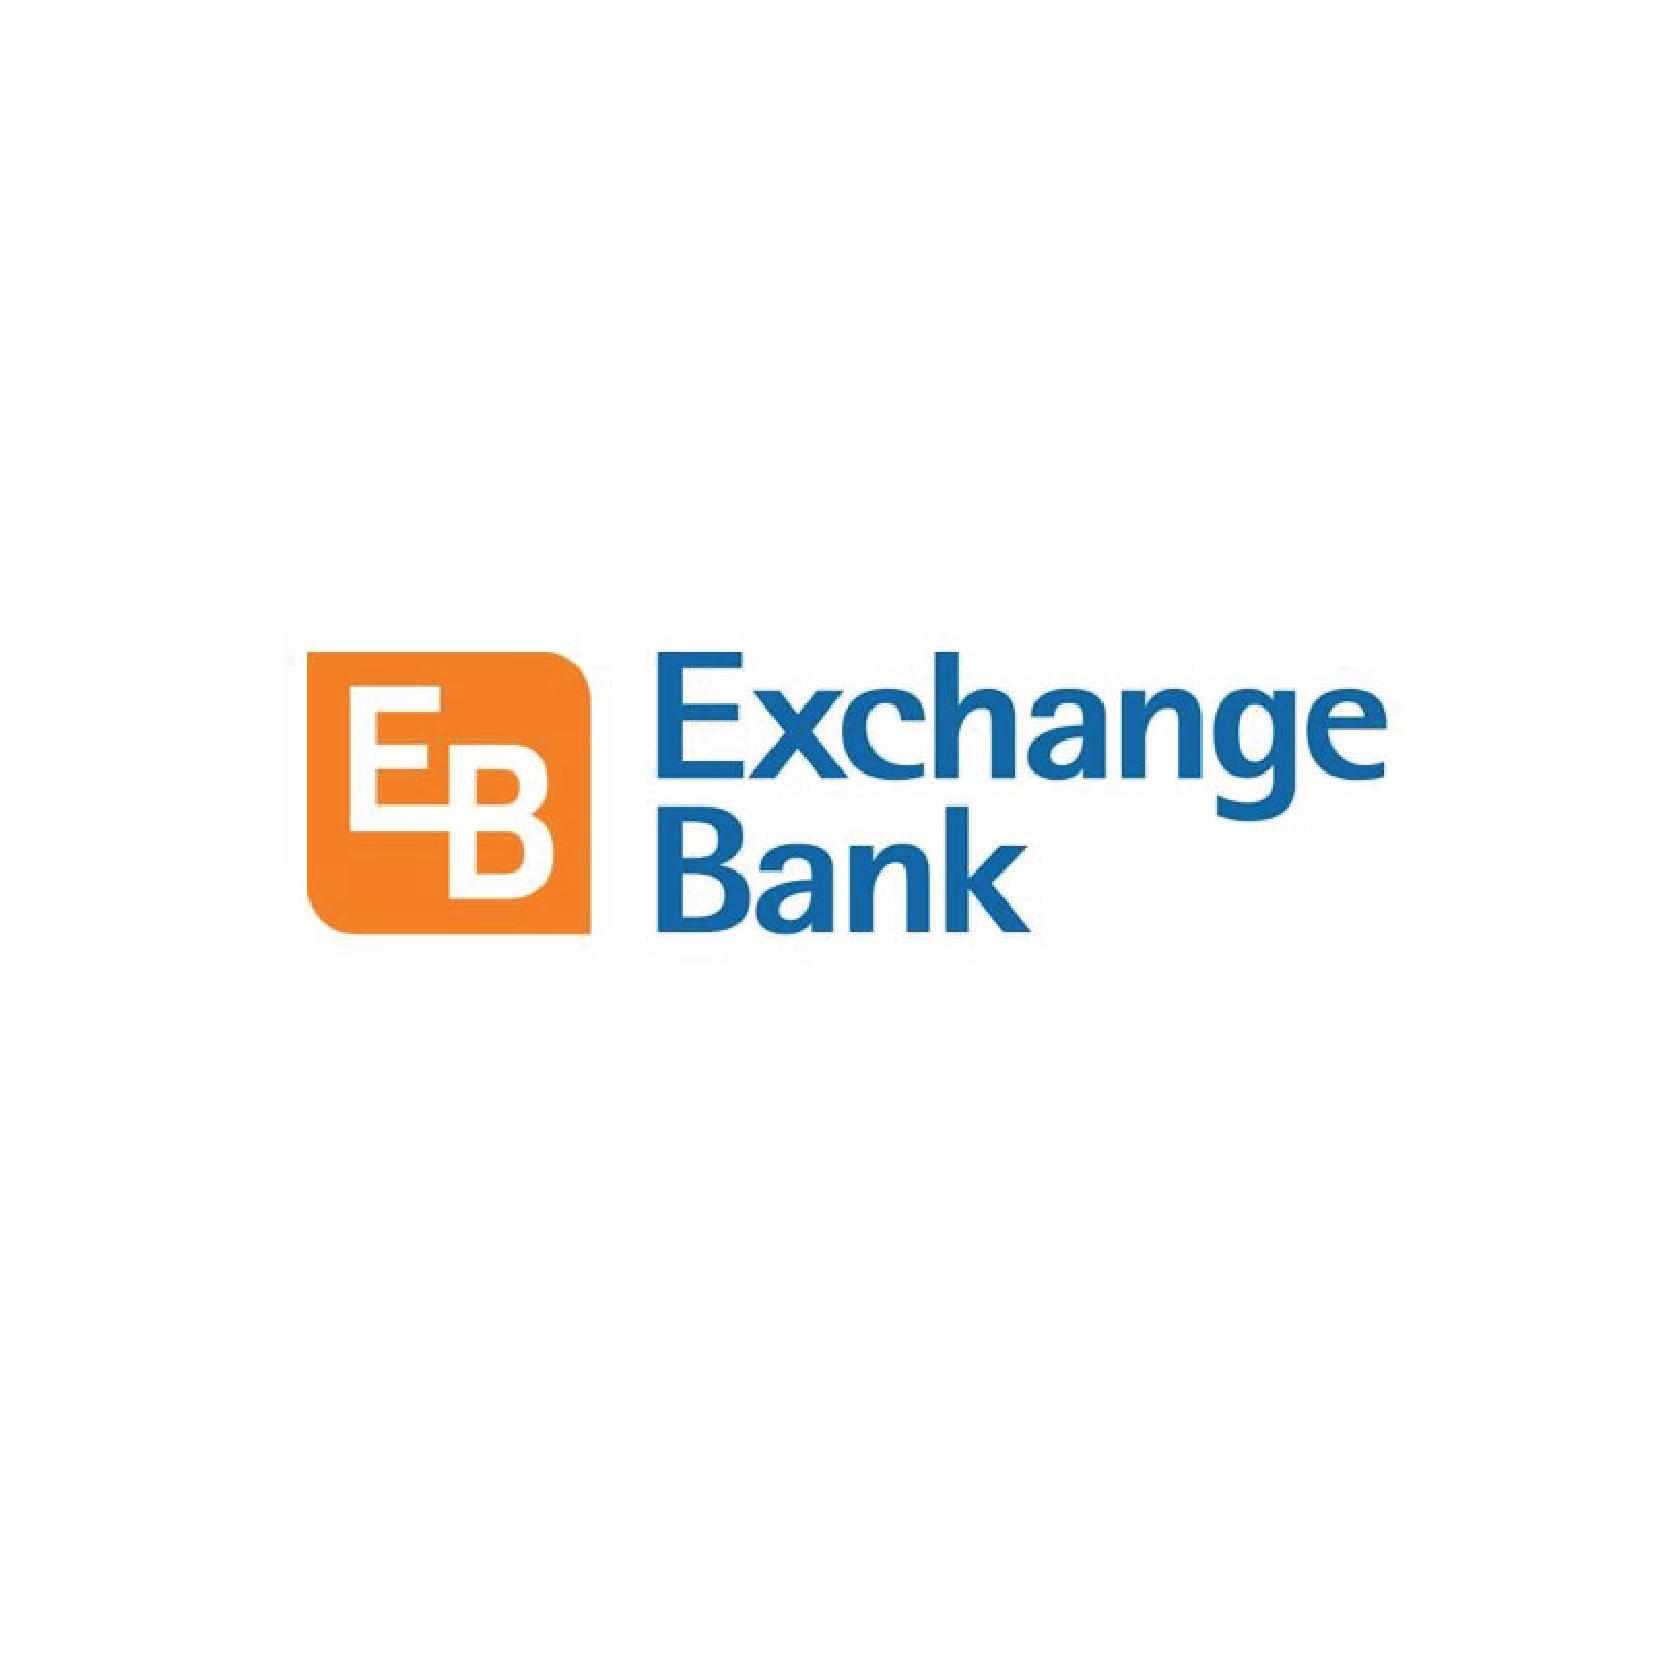 EB Logo-01.png